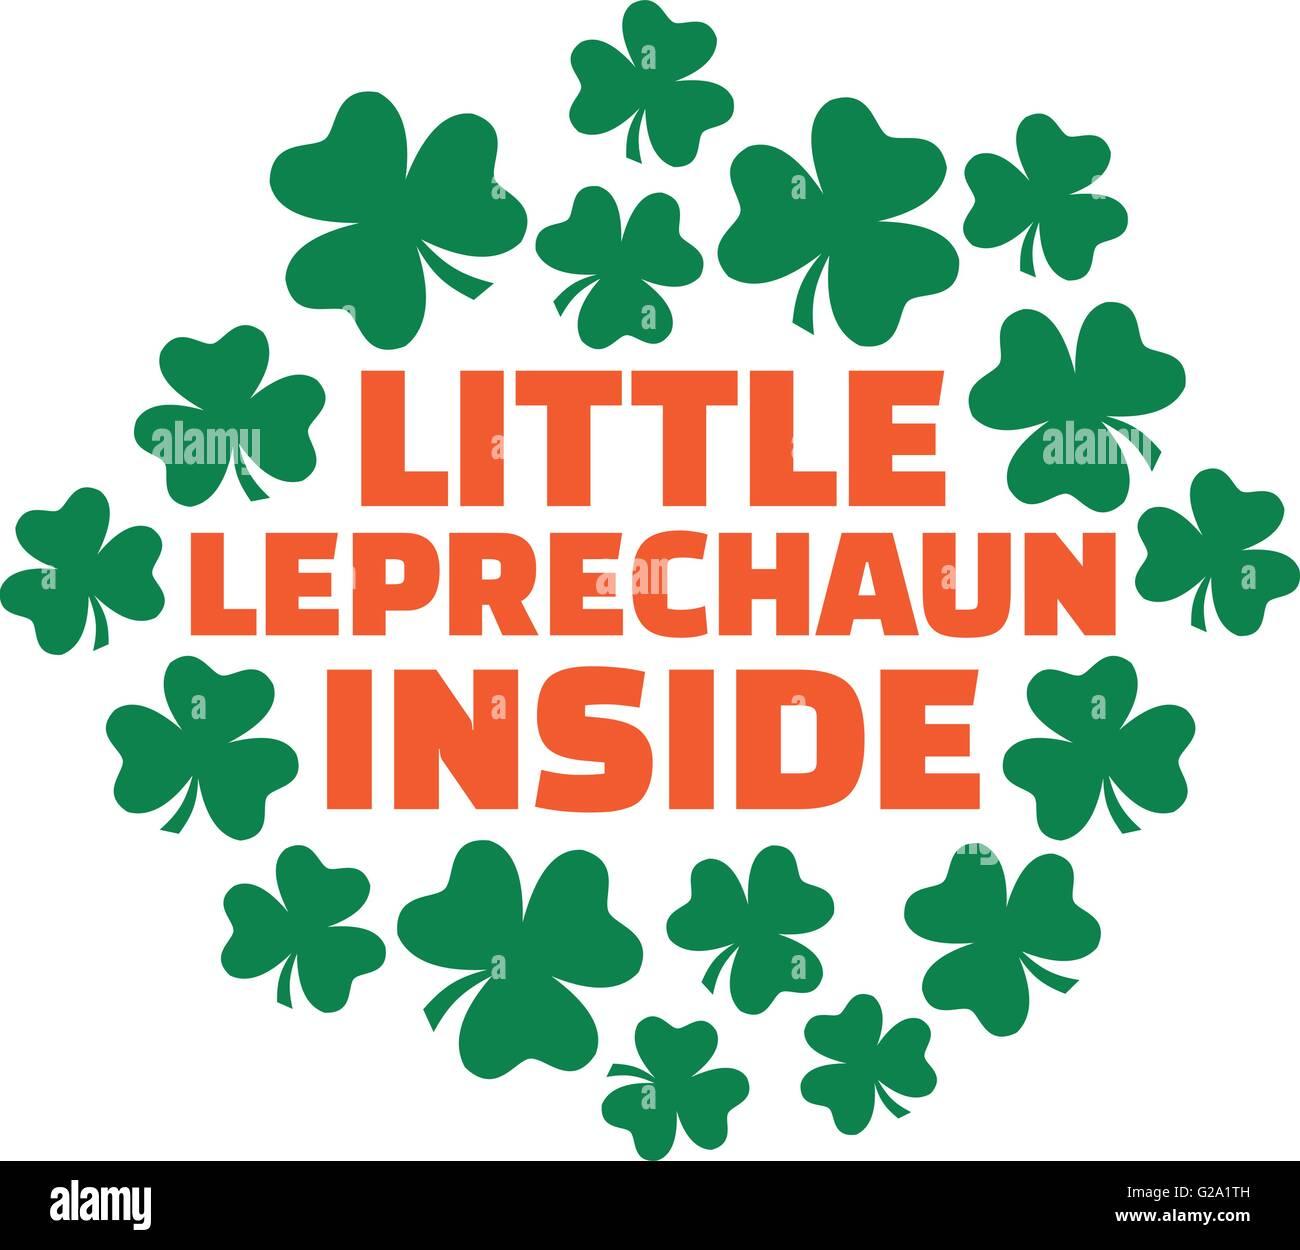 st patrick u0027s day saying für pregnant women little leprechaun